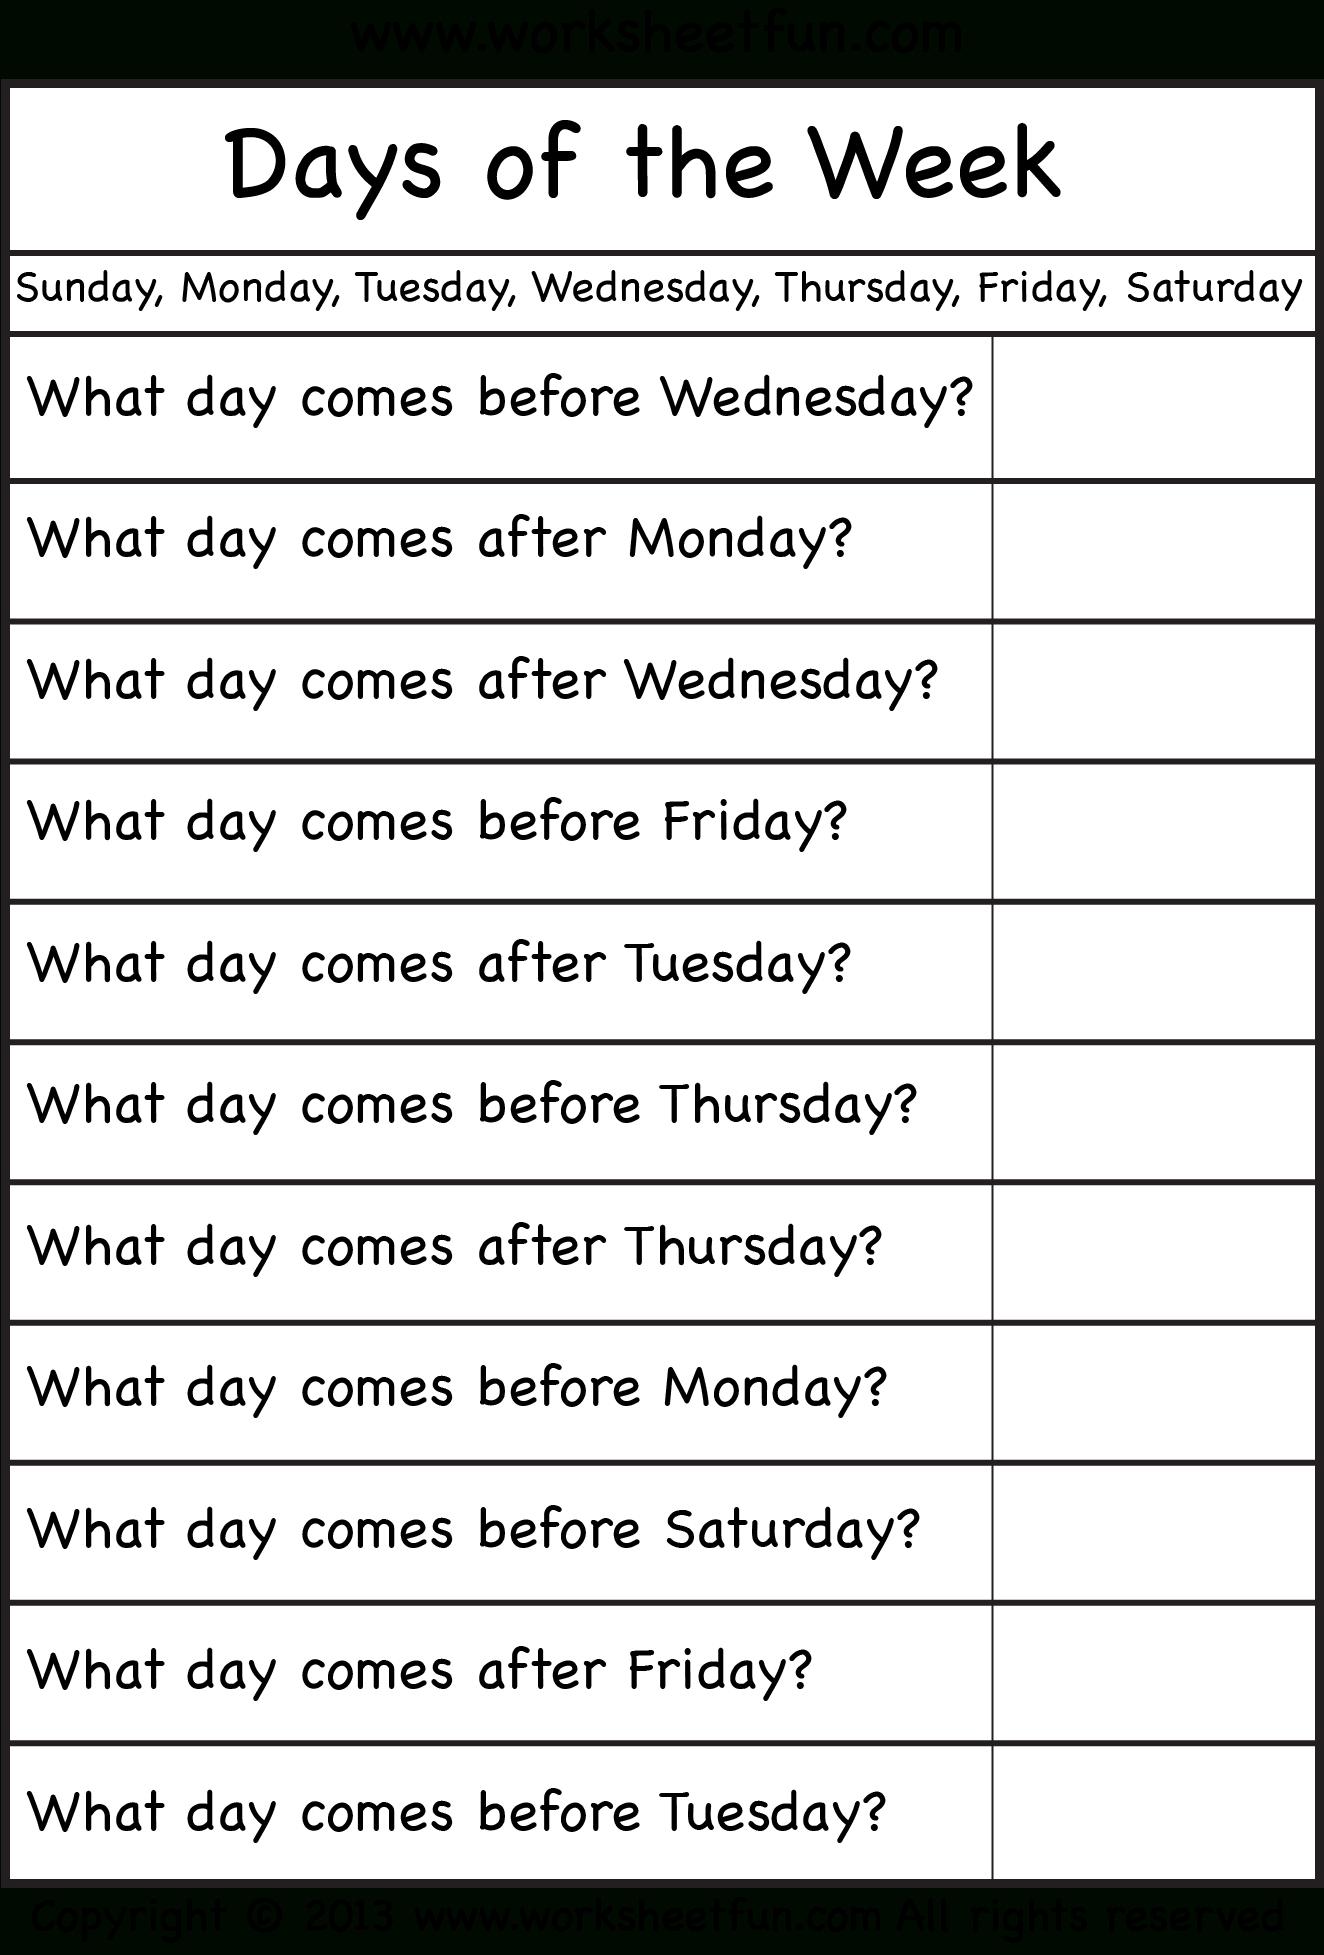 Days Of The Week – Worksheet / Free Printable Worksheets – Worksheetfun   Days Of The Week Printable Worksheets